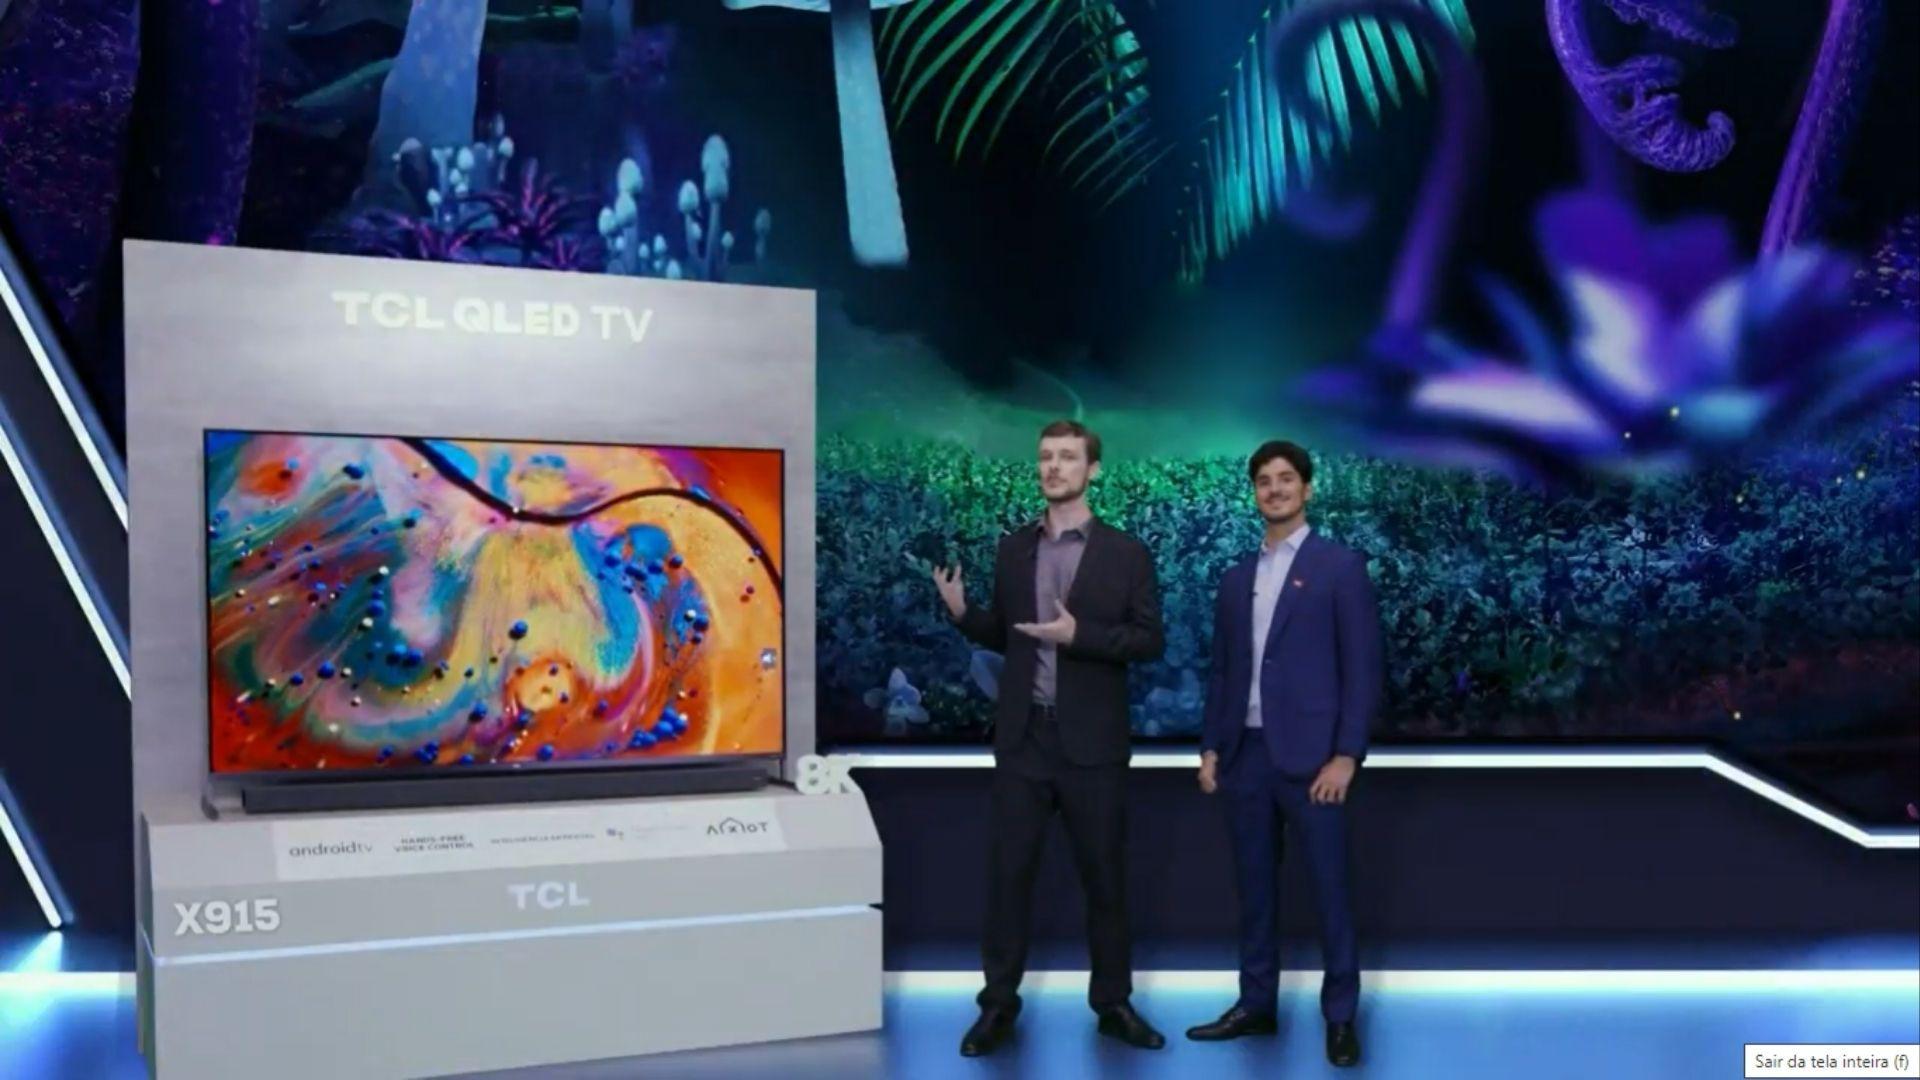 TCL X915 é a nova TV QLED 8K da marca. (Imagem: Reprodução/TCL)